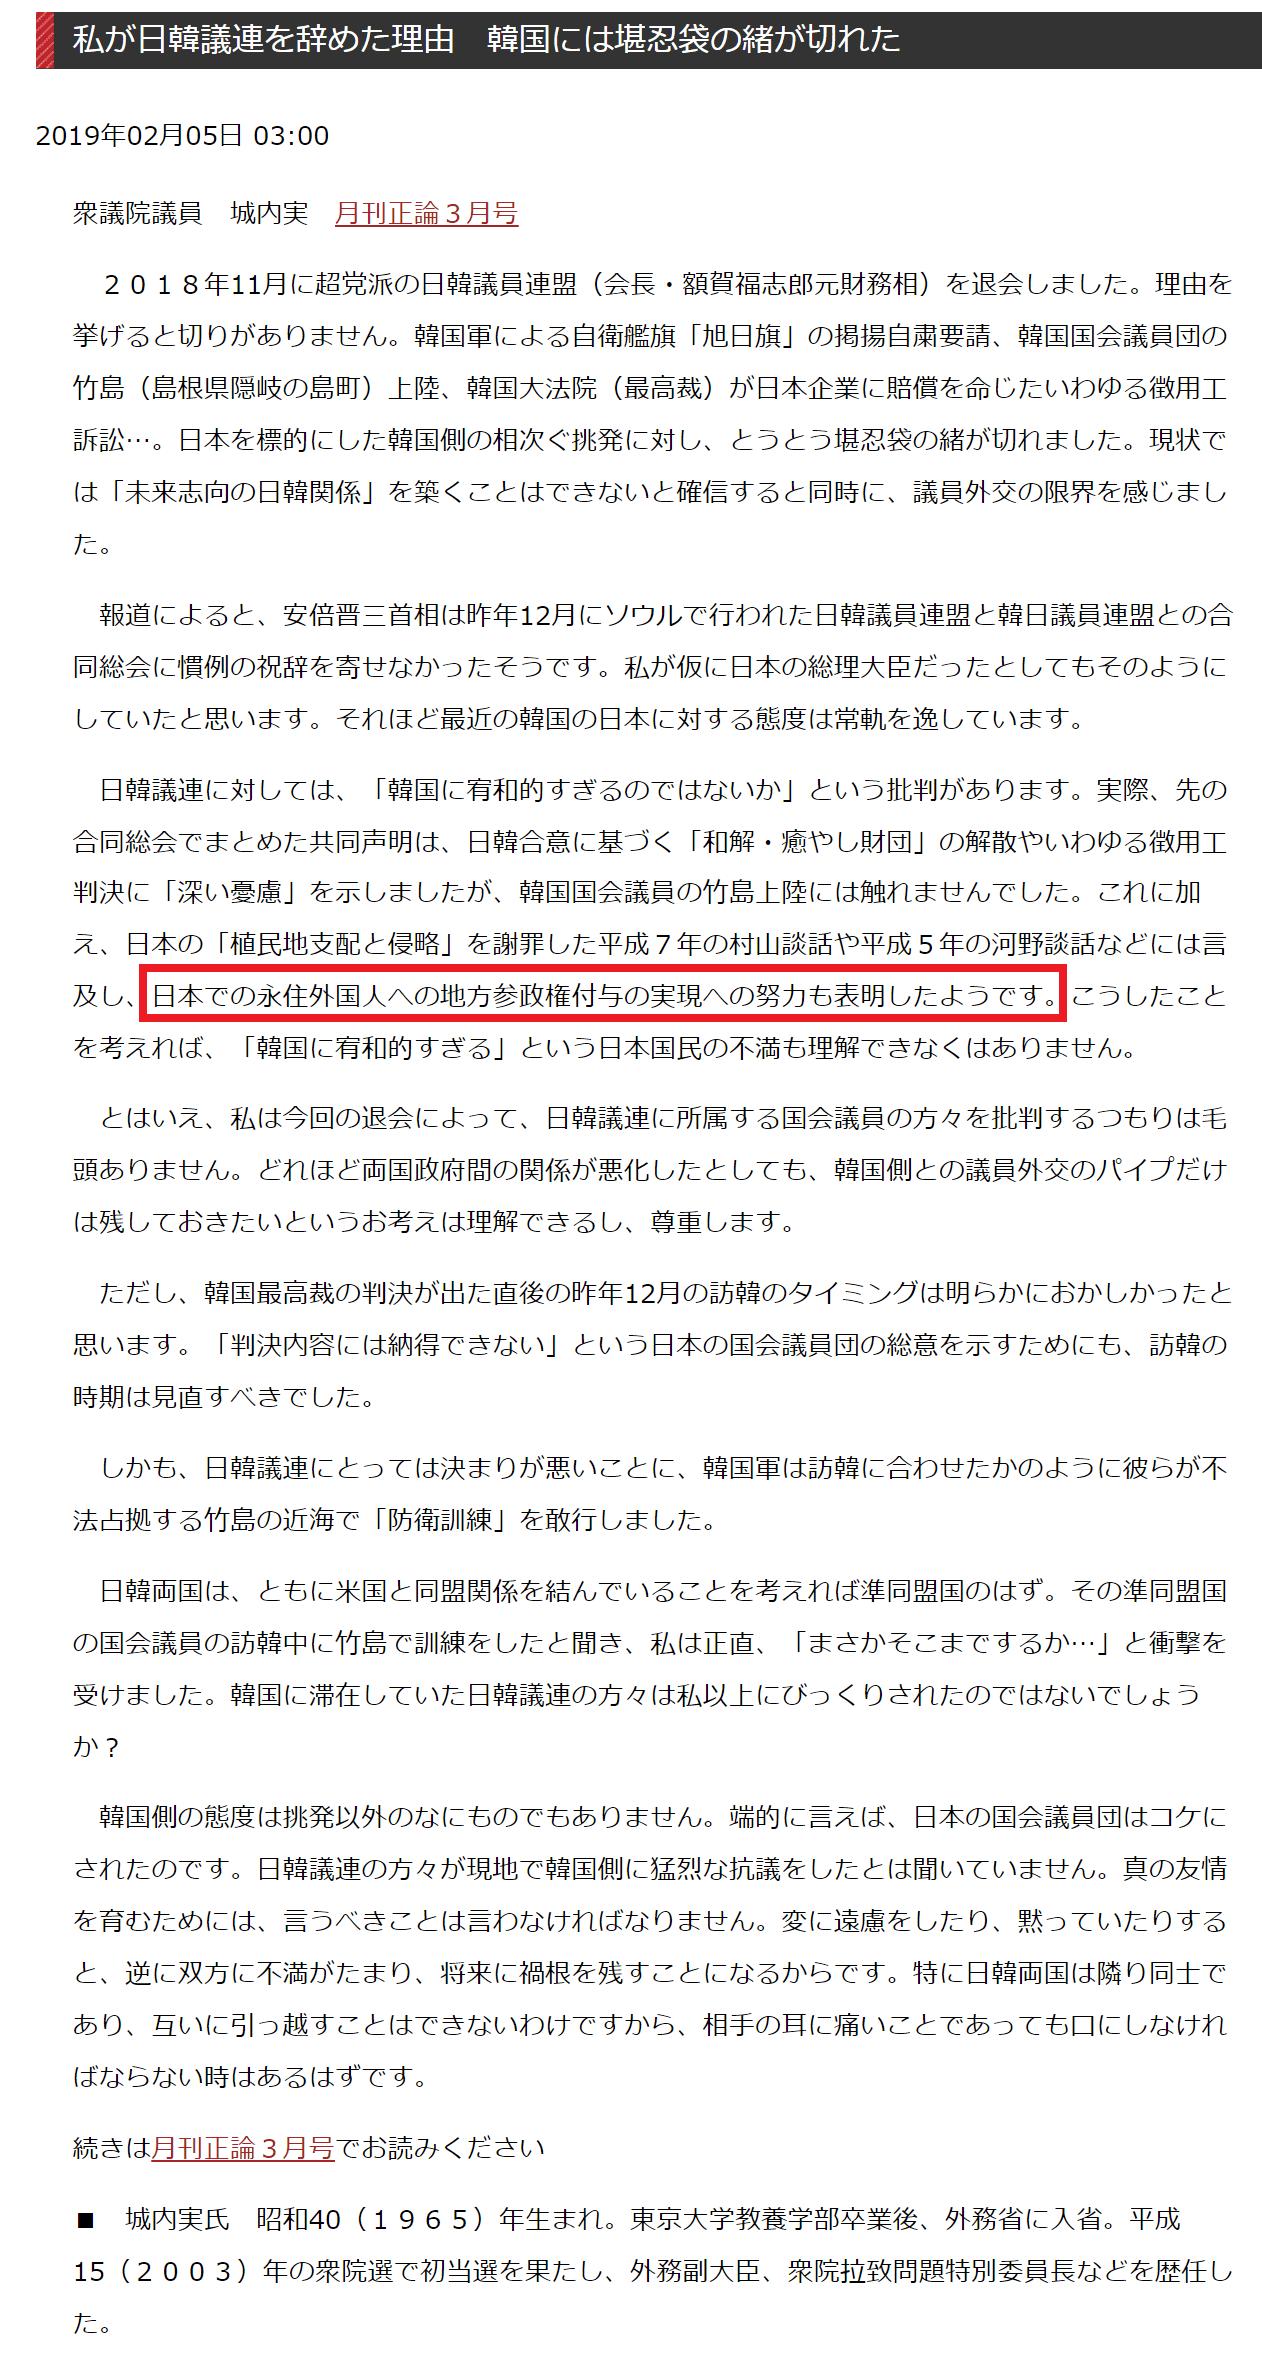 城内実「日韓議員連盟を辞めた理由」